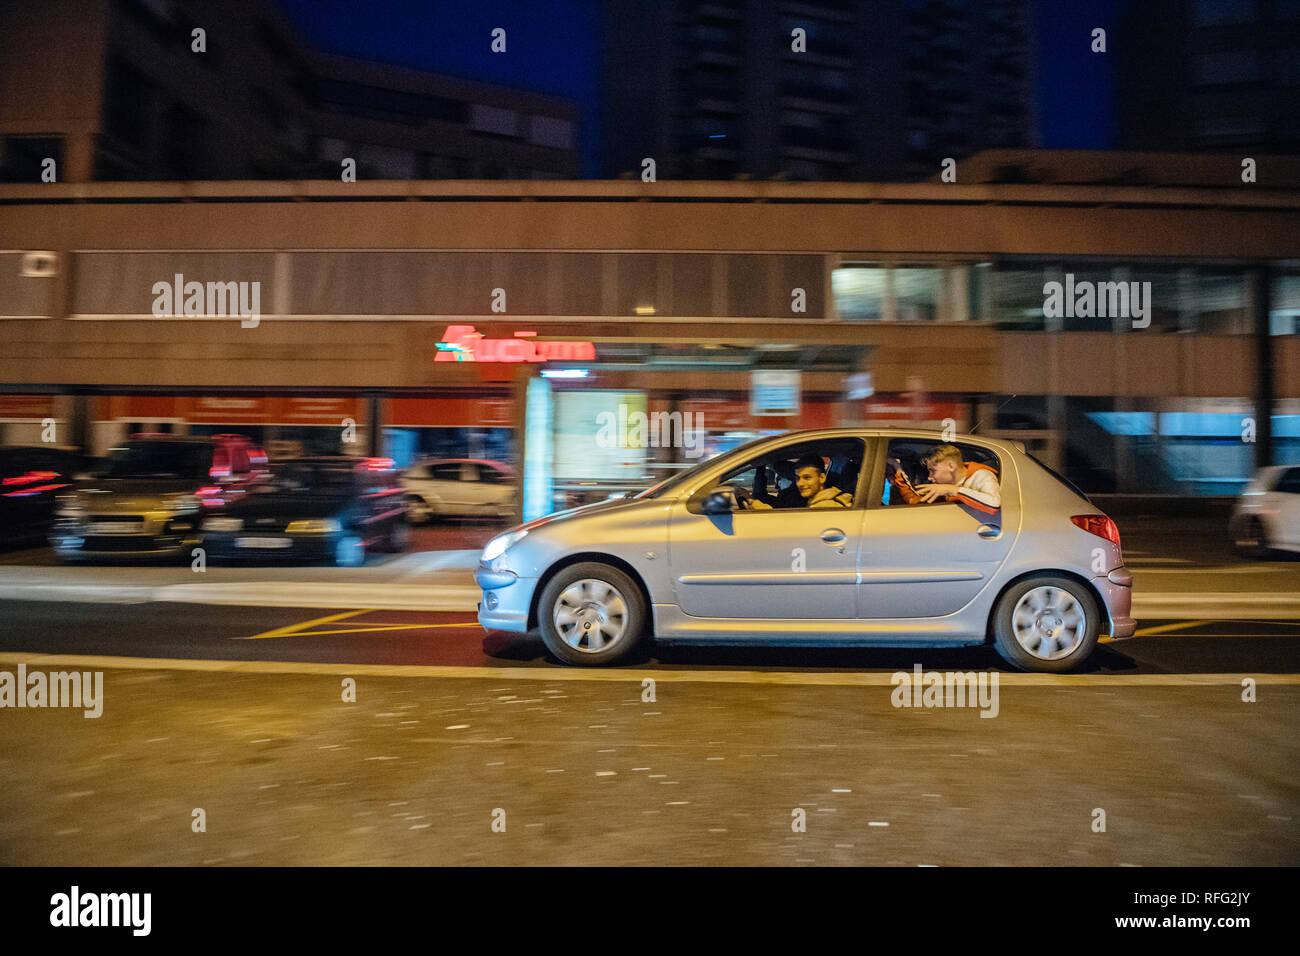 Estrasburgo, Francia - Julio 10, 2018: Los fans de conducción rápida en celebración de automóviles Peugeot tras la victoria de Francia clasificarse para la final de la Copa Mundial de la FIFA 2018 tras su victoria Imagen De Stock